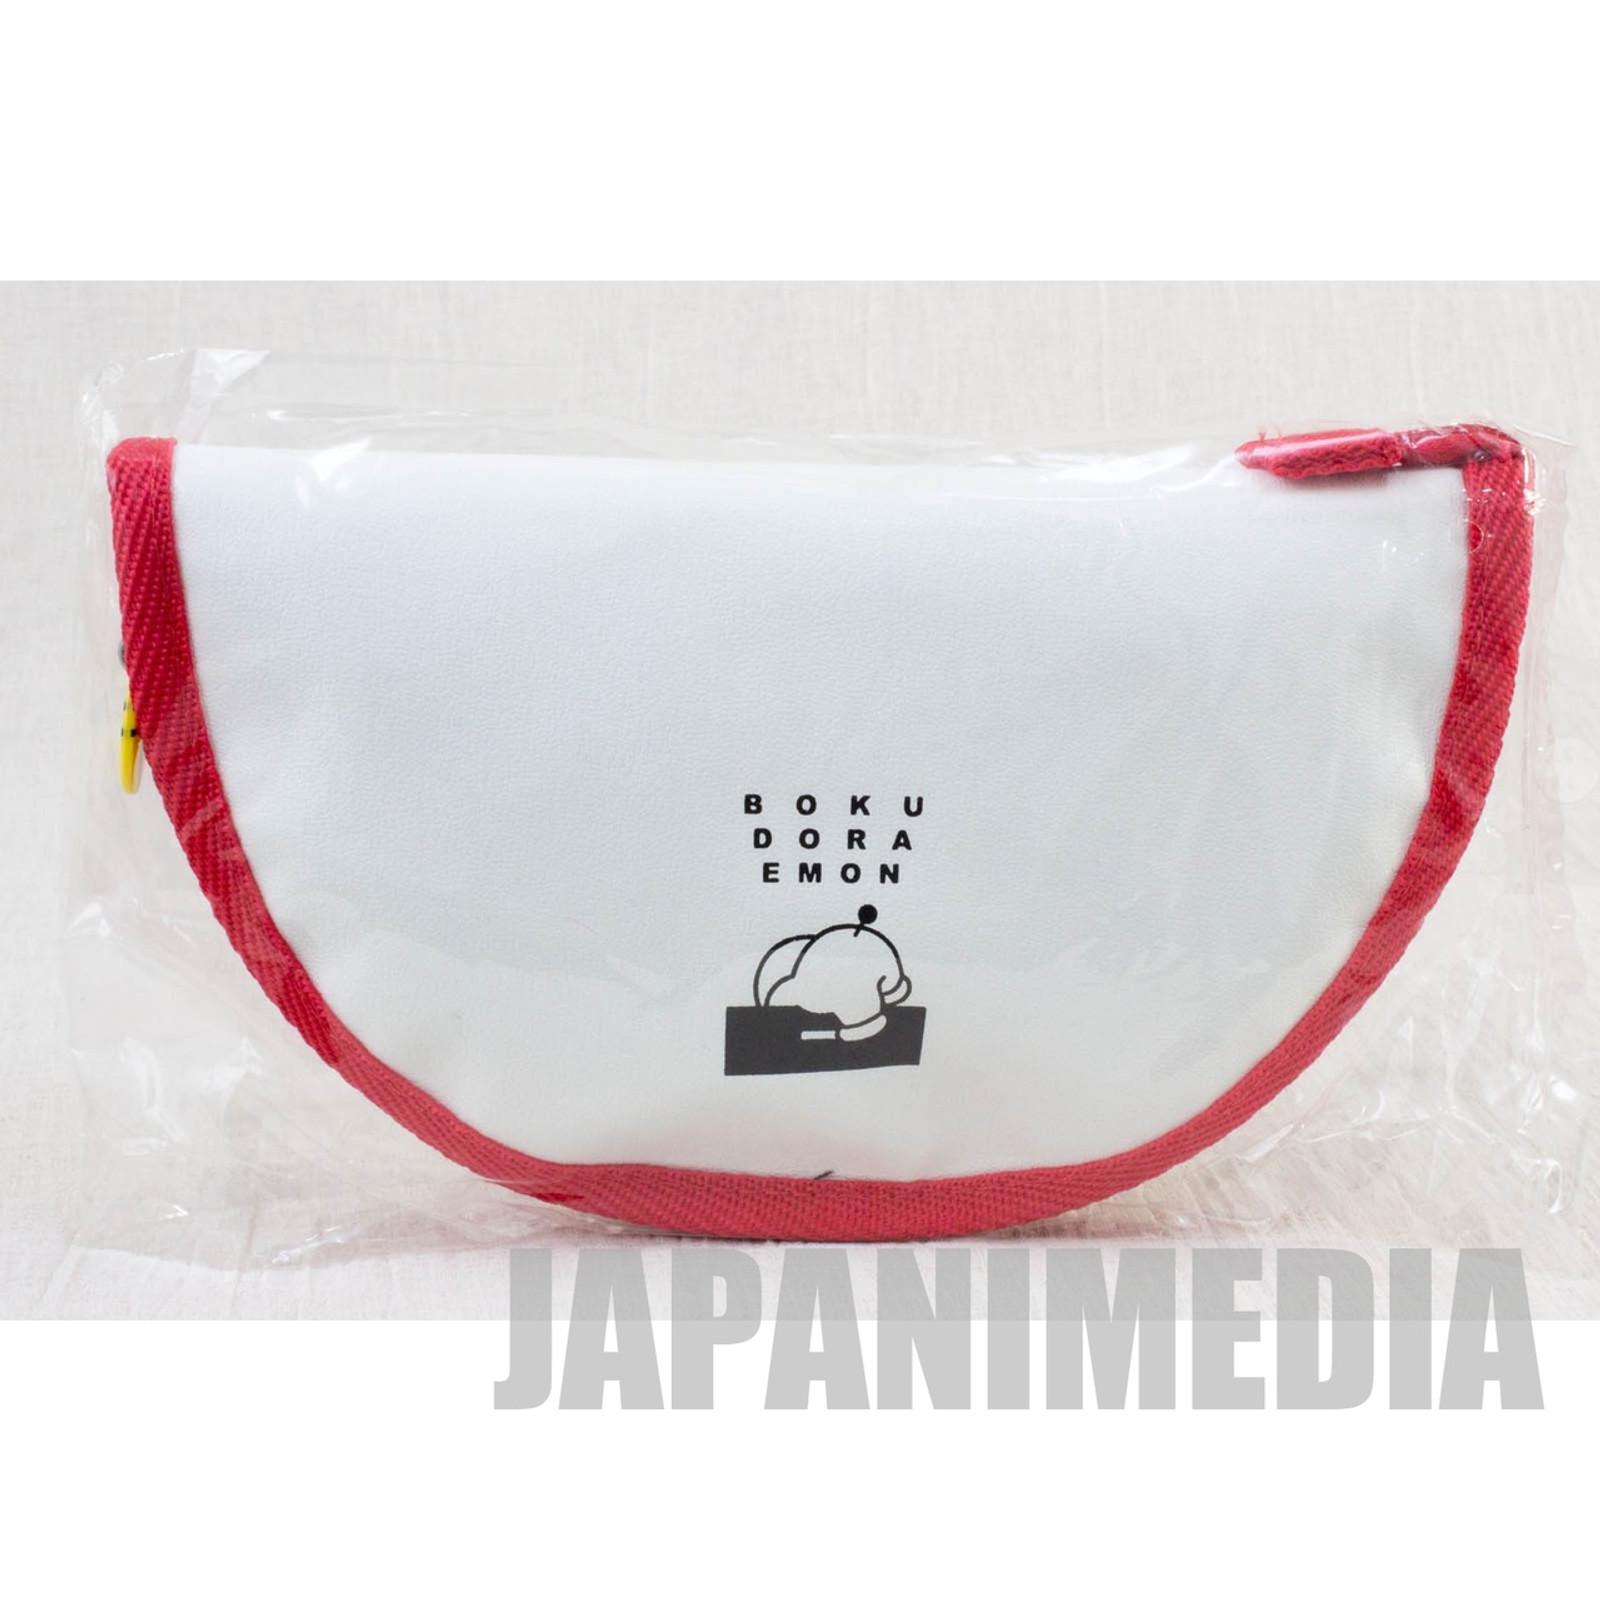 Doraemon four-dimensional pocket Bag JAPAN ANIME MANGA